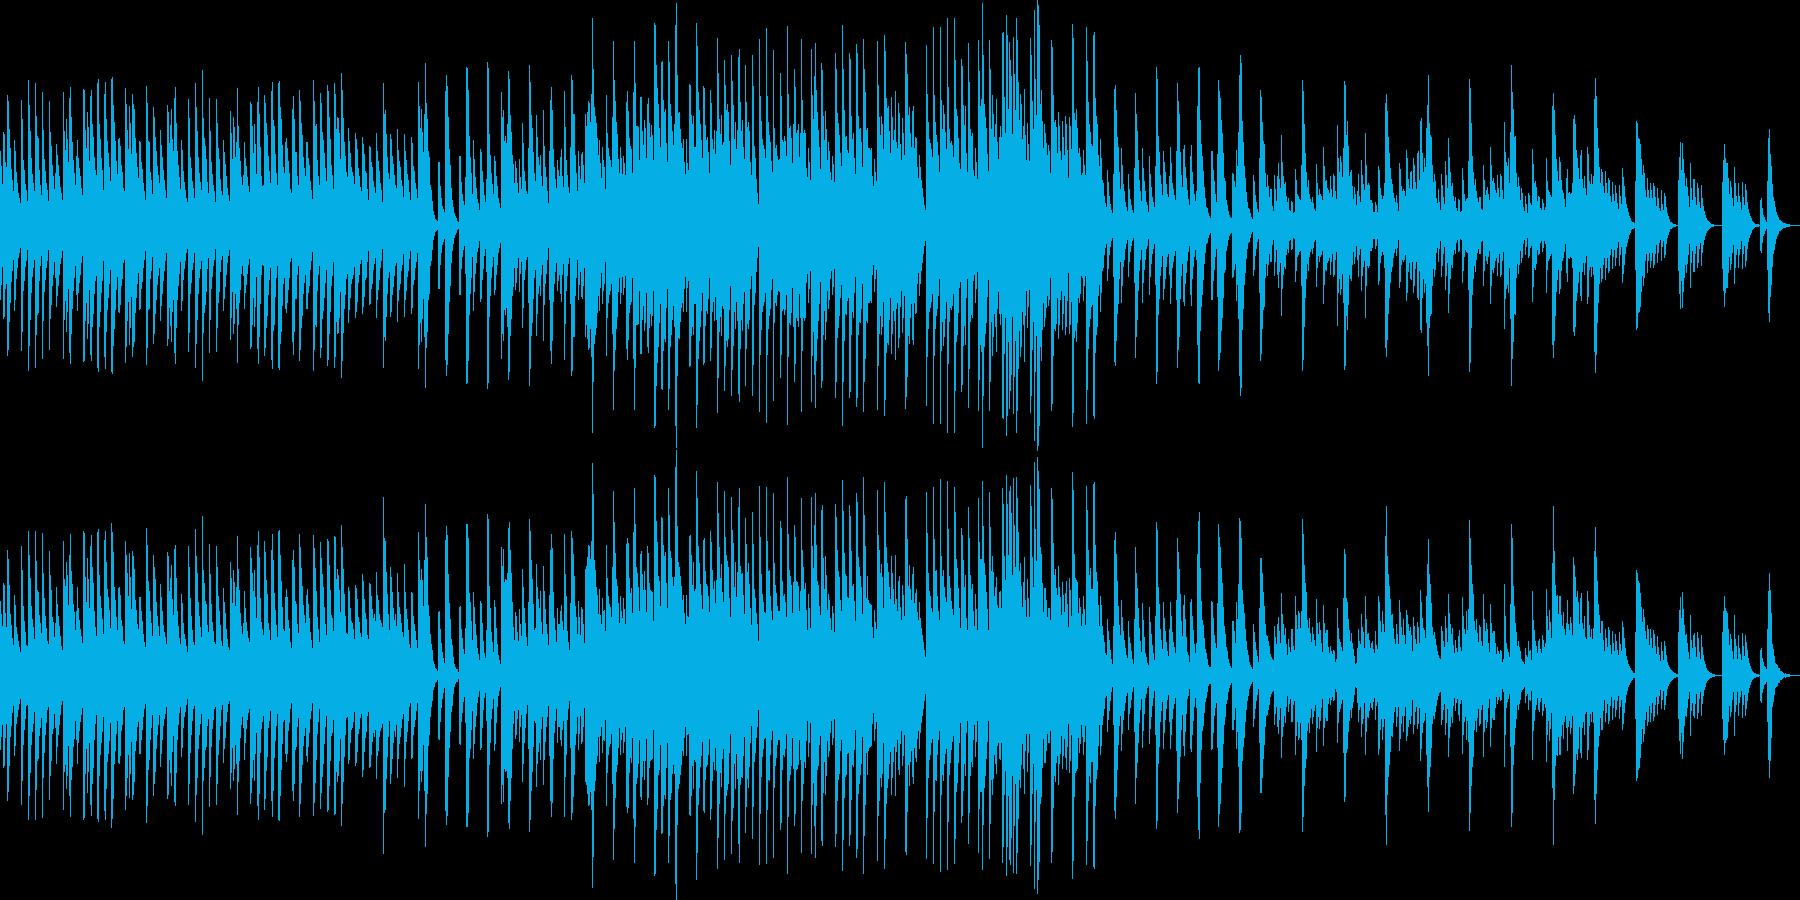 五日間の世界【優しい曲調のオルゴール曲】の再生済みの波形